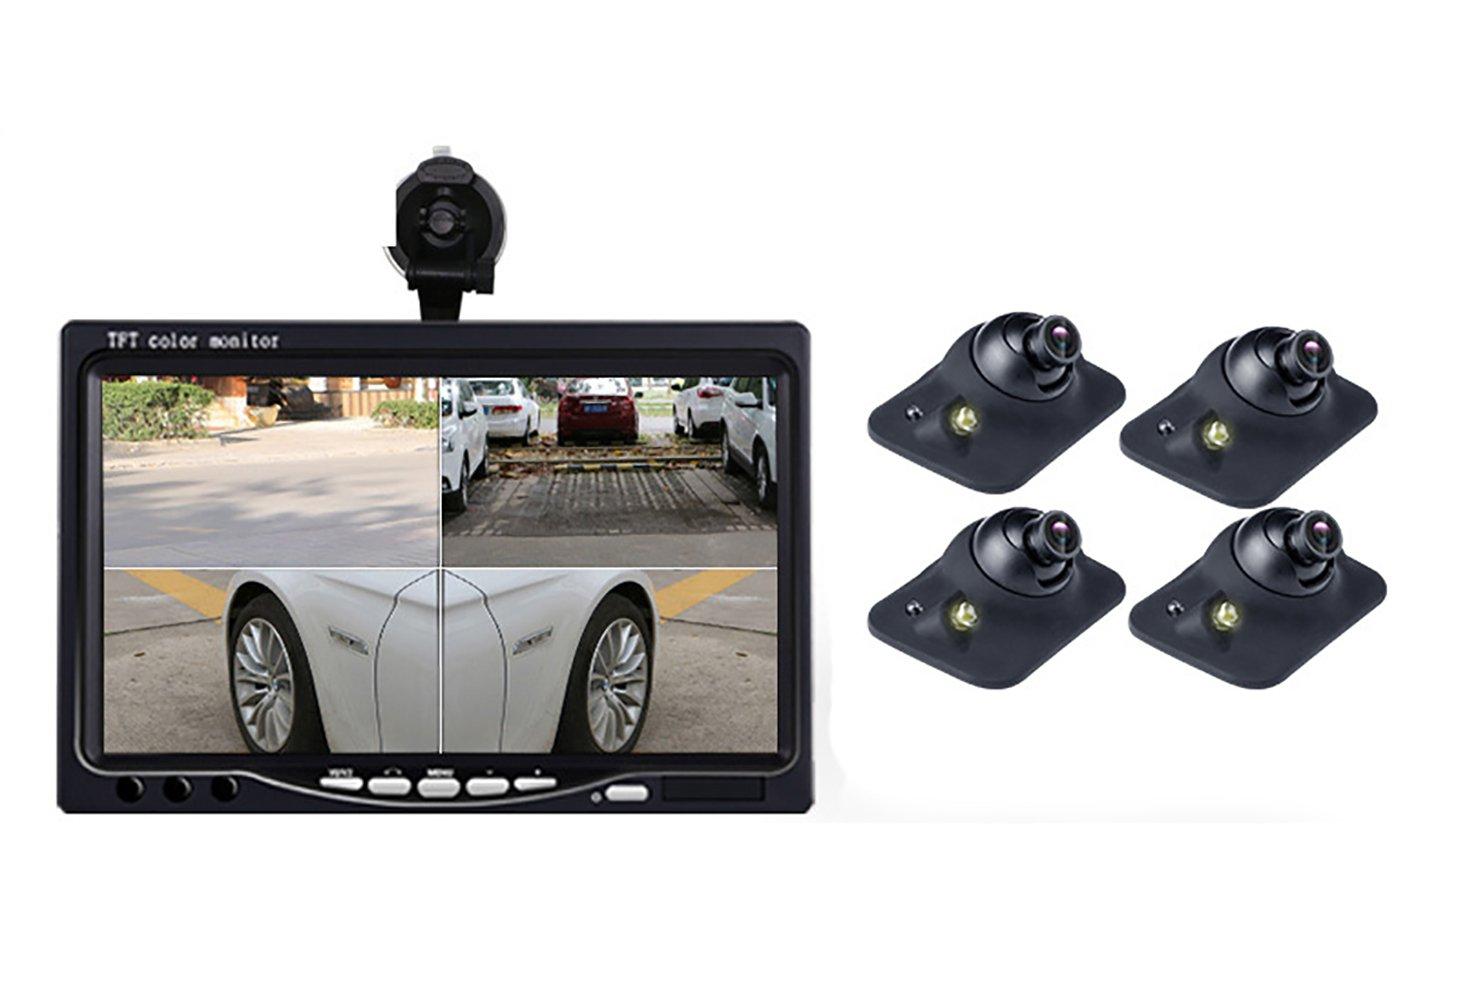 OBEST 7インチ4分割対応液晶モニター + 4個防水赤外線暗視バックカメラ バックカメラモニターセット バックカメラ4個搭載 12V/24V両対応 前方死角カメラ フロント/バックカメラ兼用 正像/鏡像切替 (モニター+3カメラ) B079GGRJXZ モニター+3カメラ  モニター+3カメラ